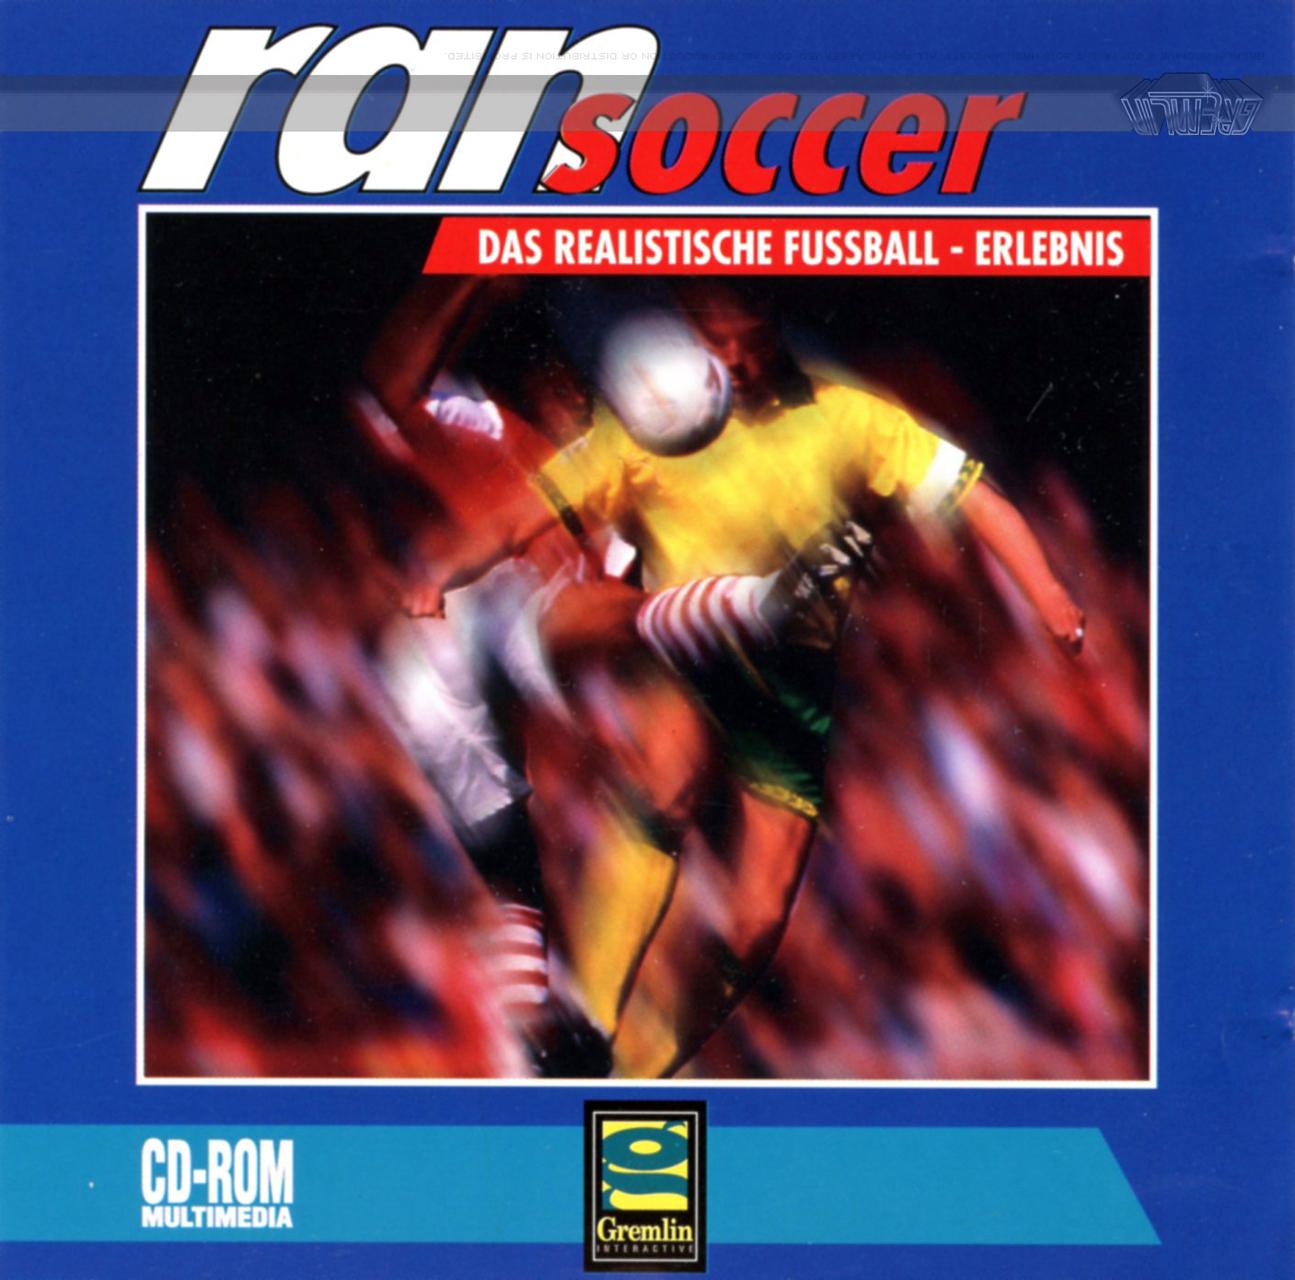 Ran Soccer CD-ROM